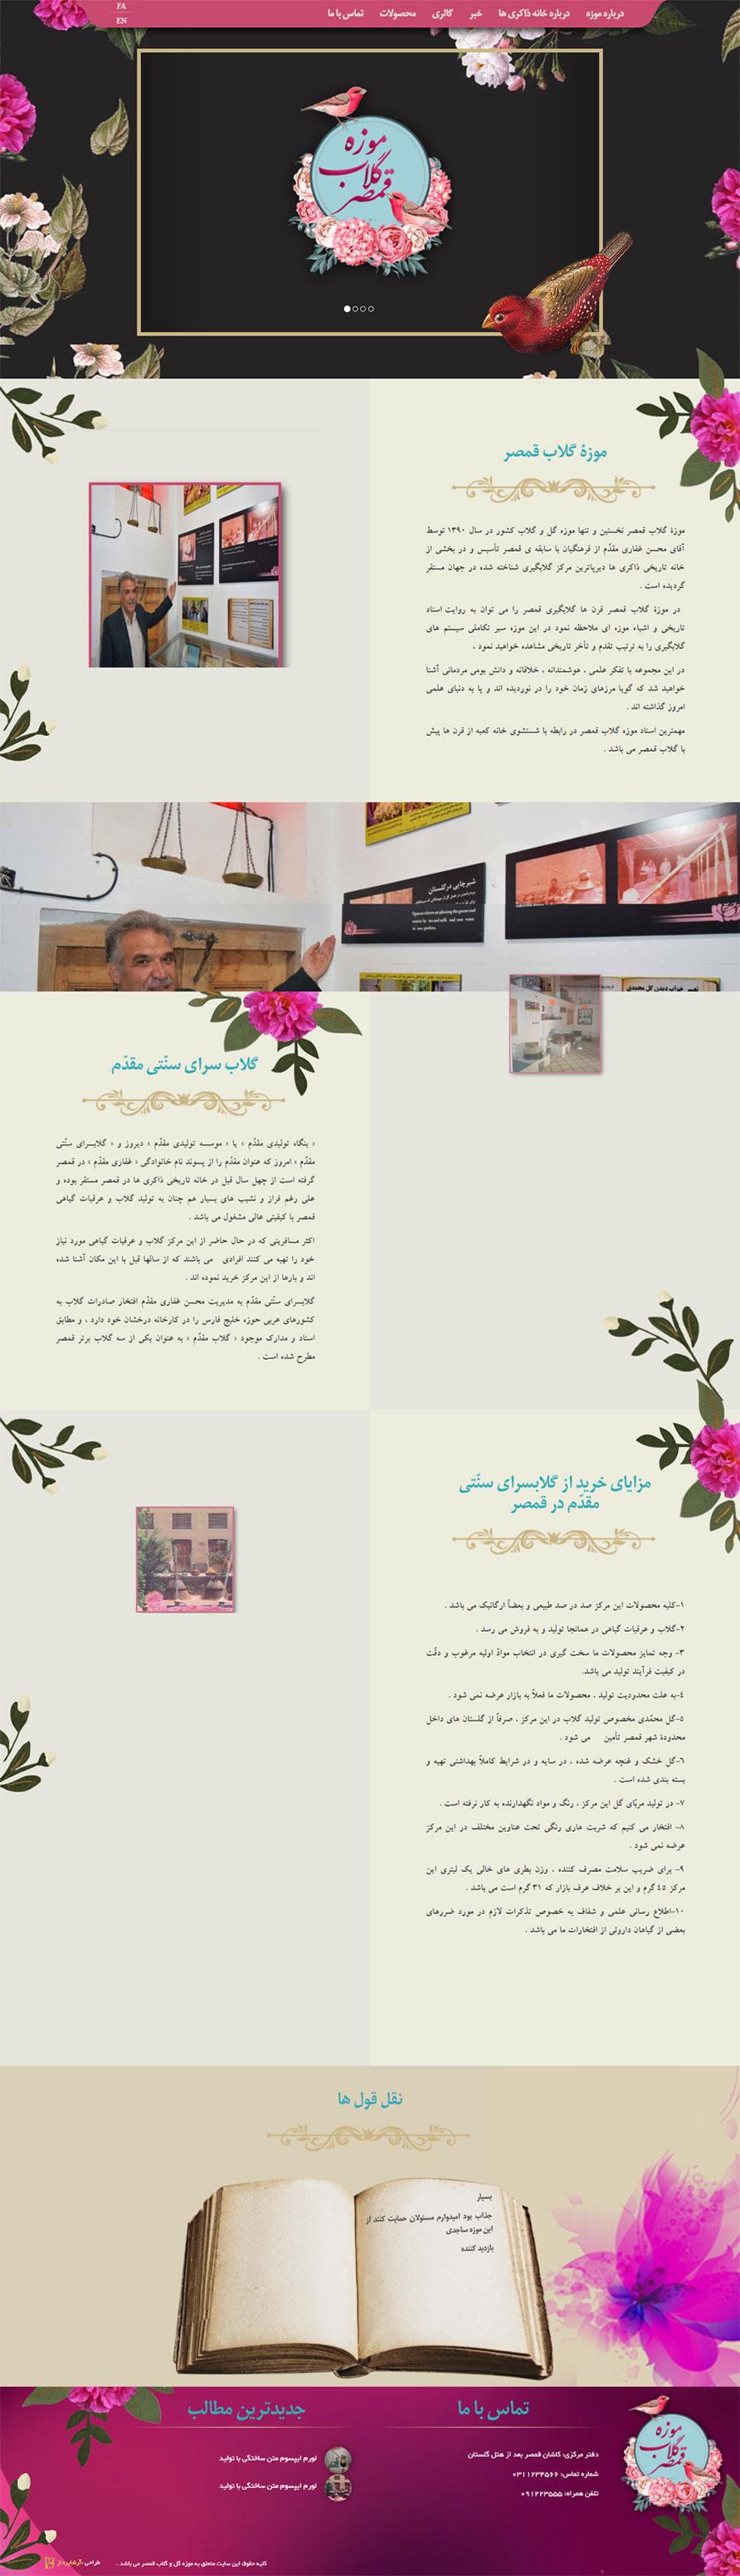 وب سایت موزه گل و گلاب قمصر